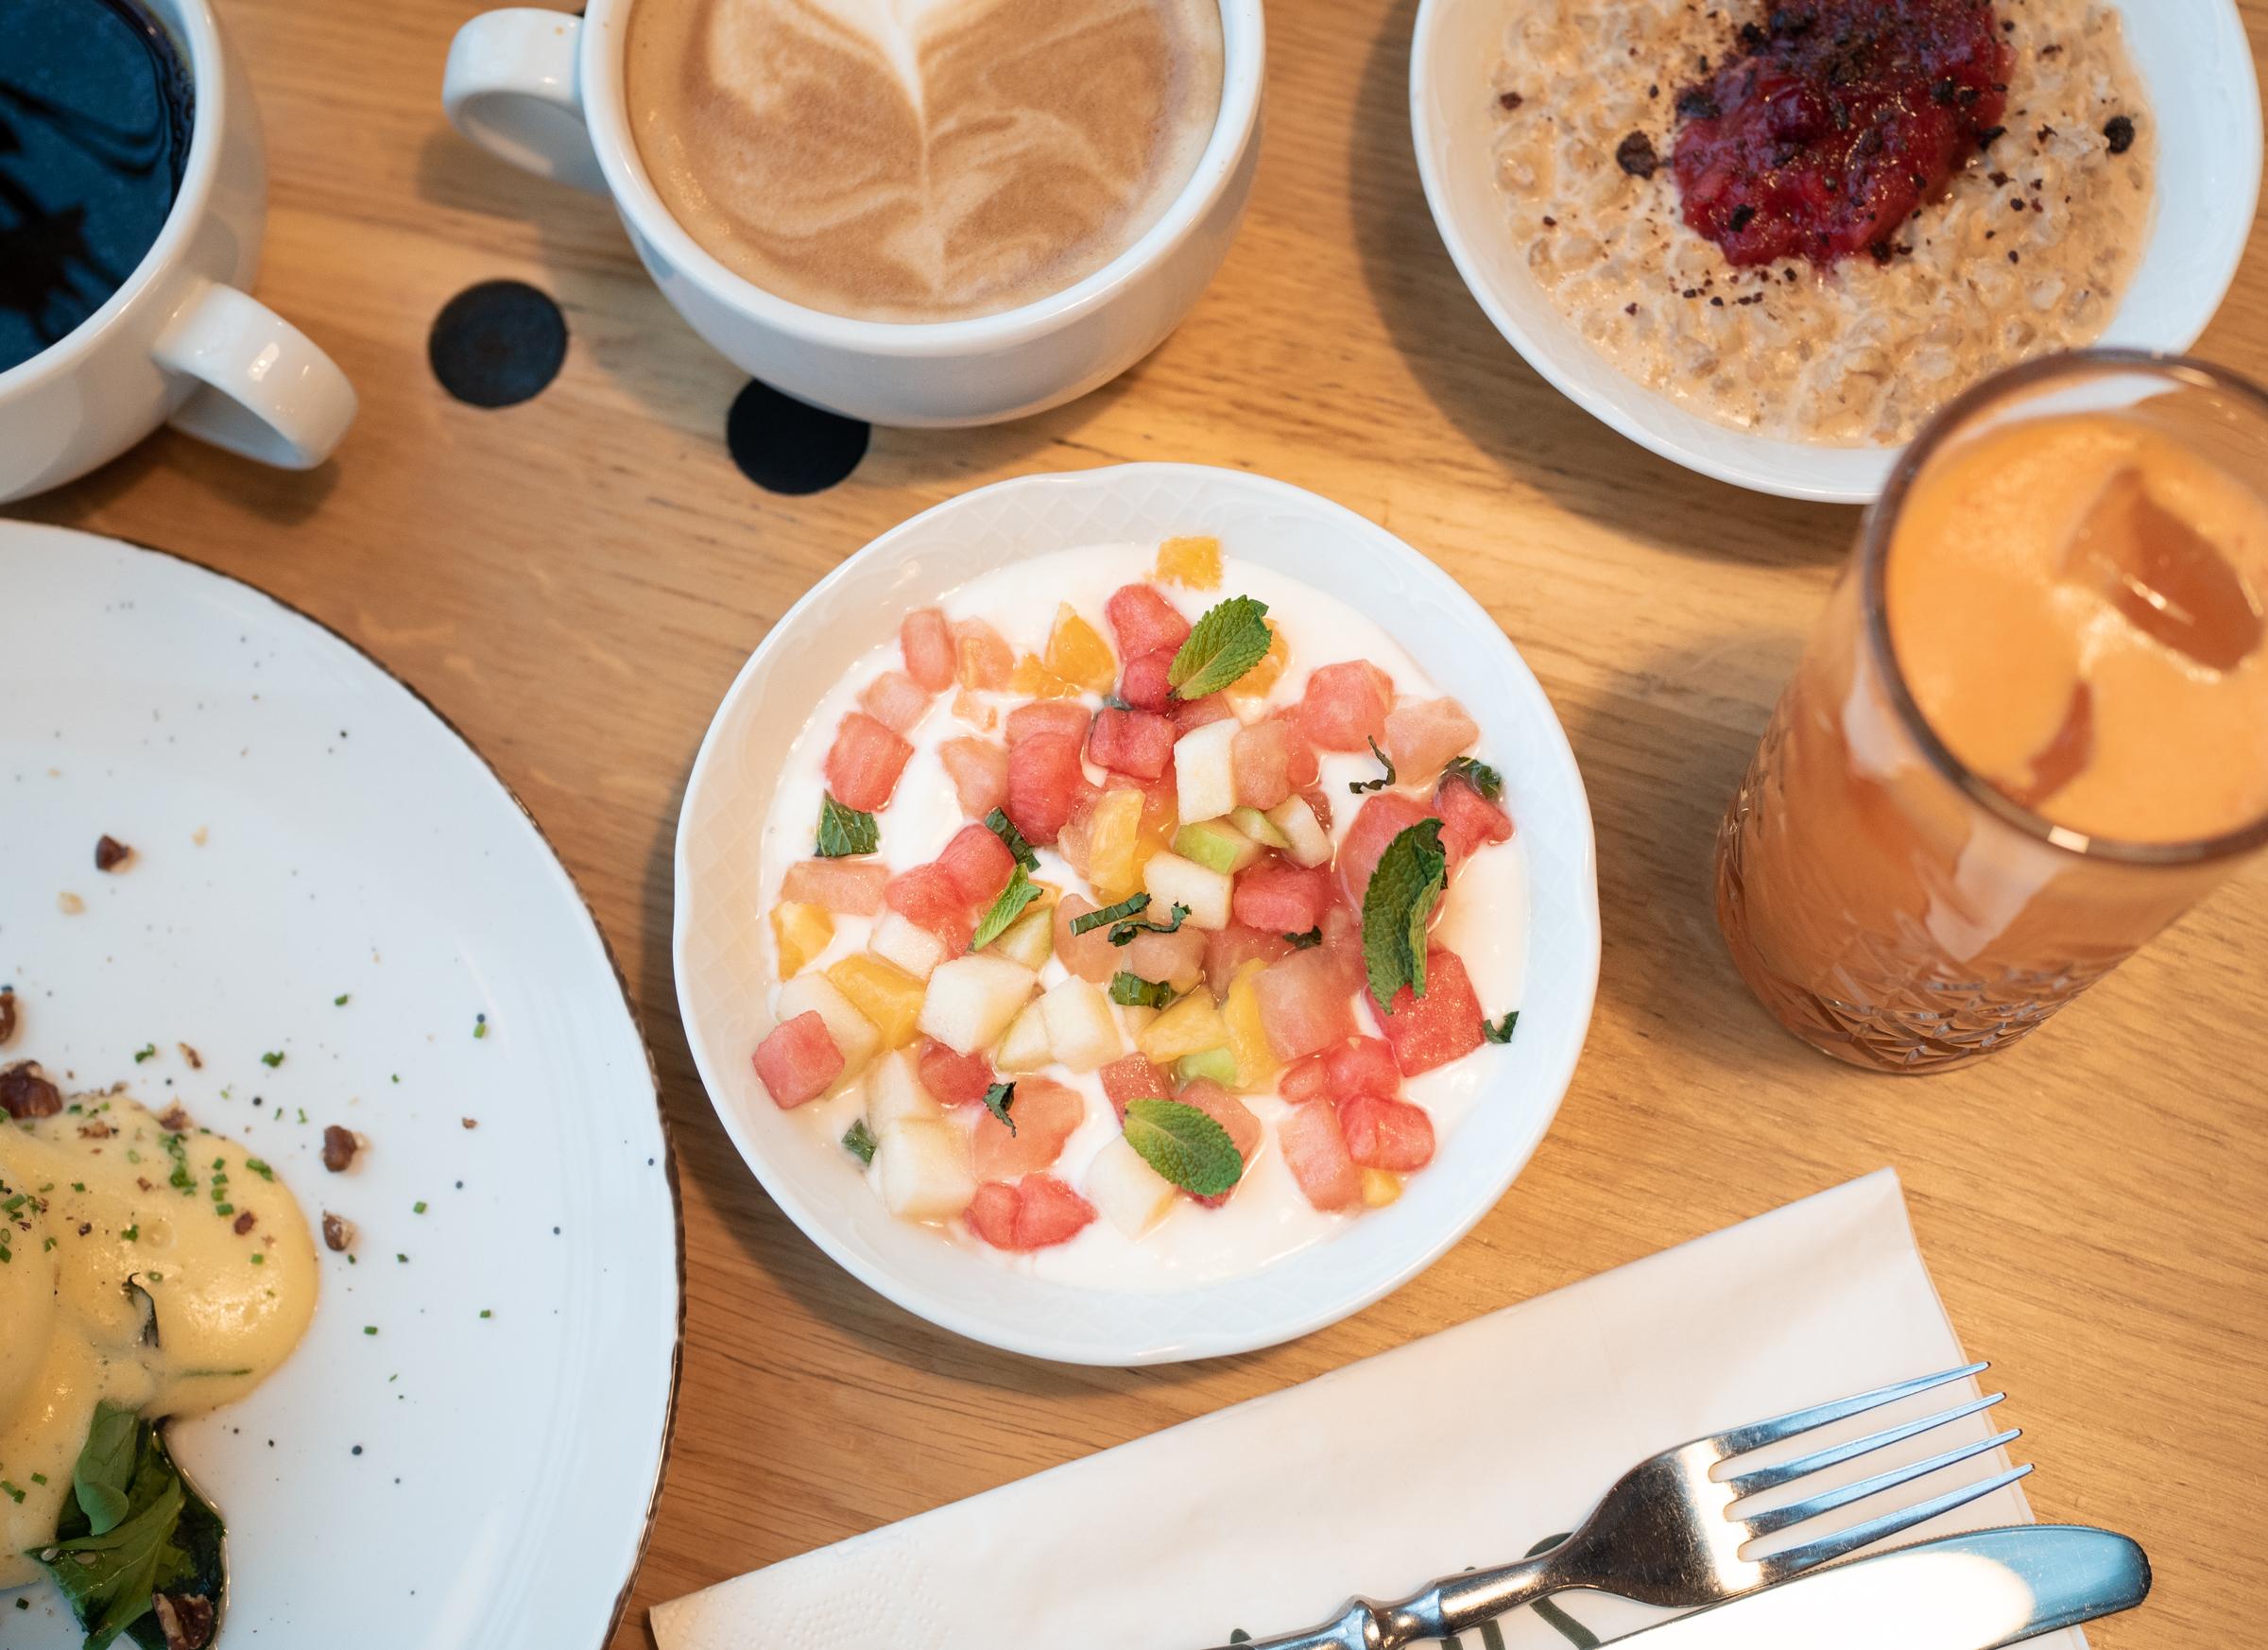 Kevään uudet tyylitellyt aamiaiset -1170605.jpg